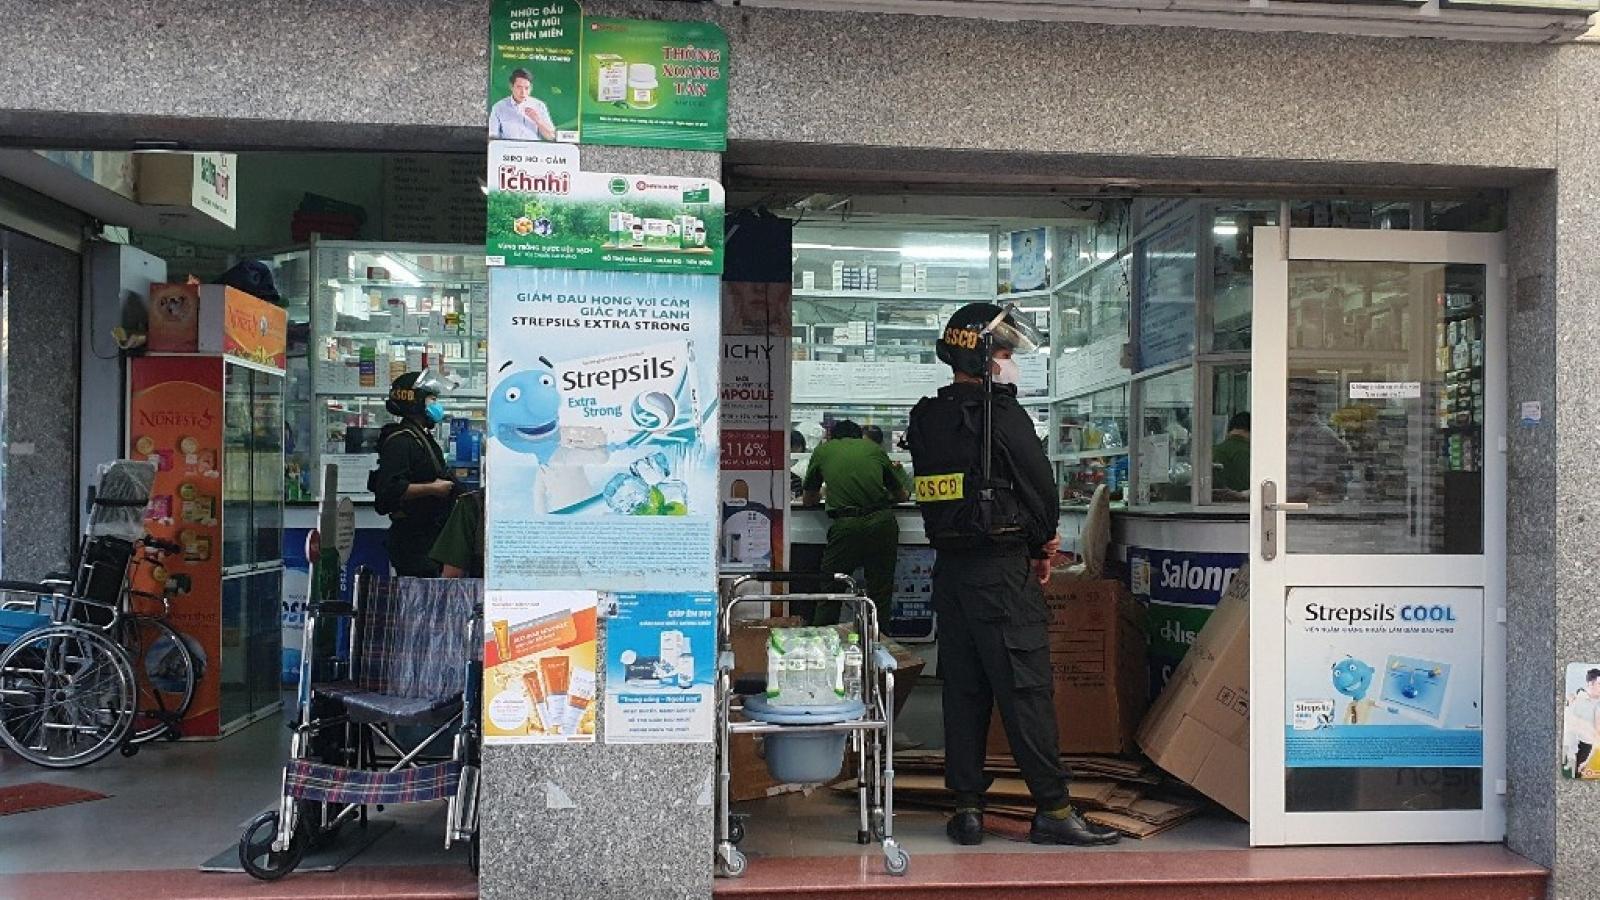 Khởi tố vụ án trốn thuế tại 3 hiệu thuốc lớn nhất tỉnh Đồng Nai